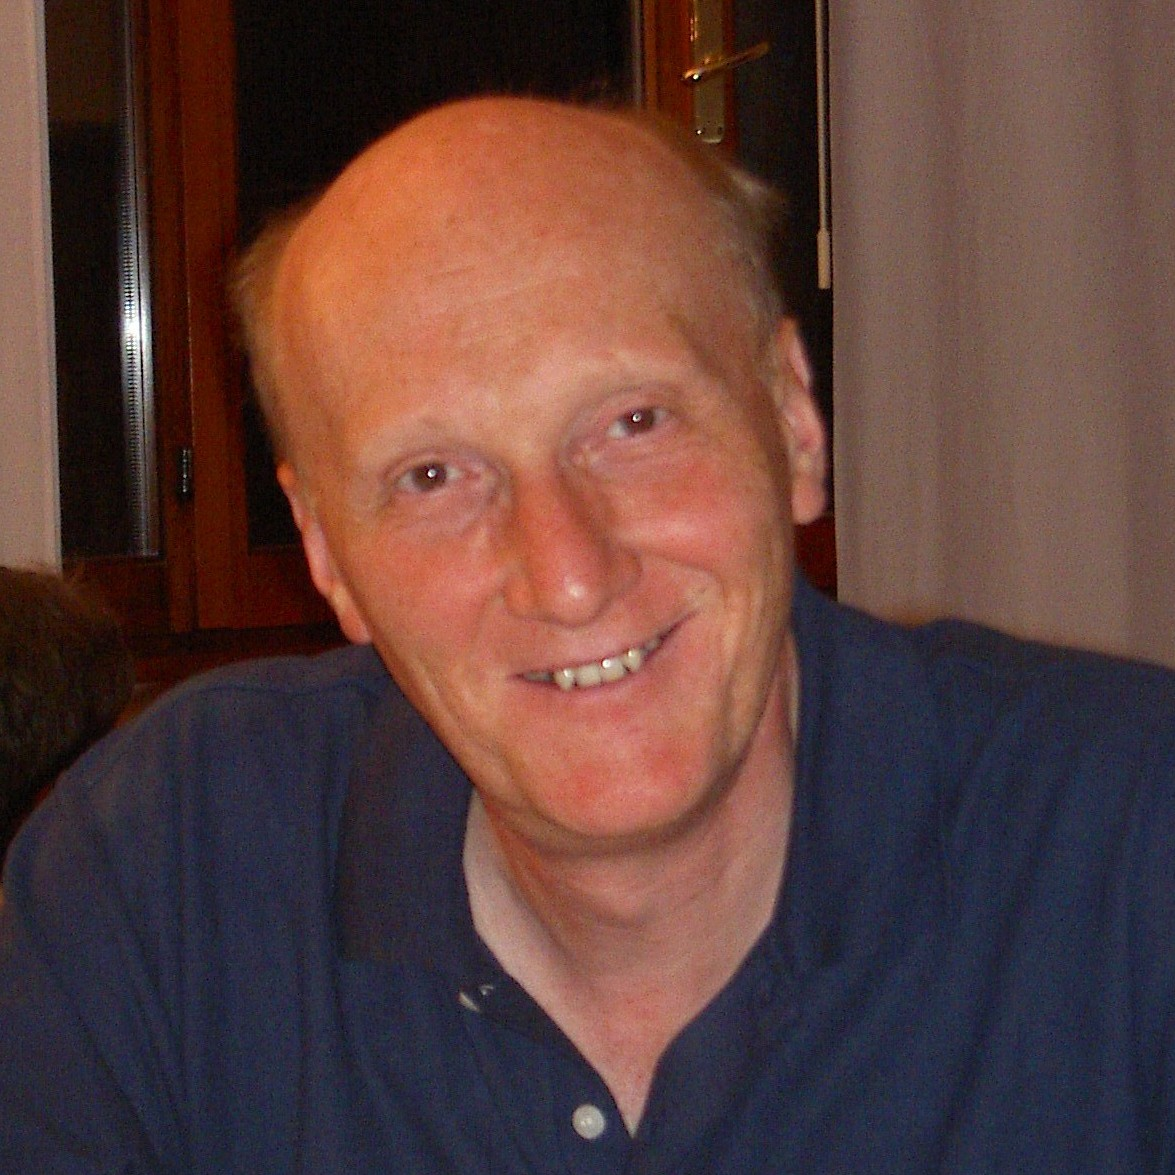 Mario Zoratti, del Cnr di Padova; nella foto di apertura la professoressa Szabo